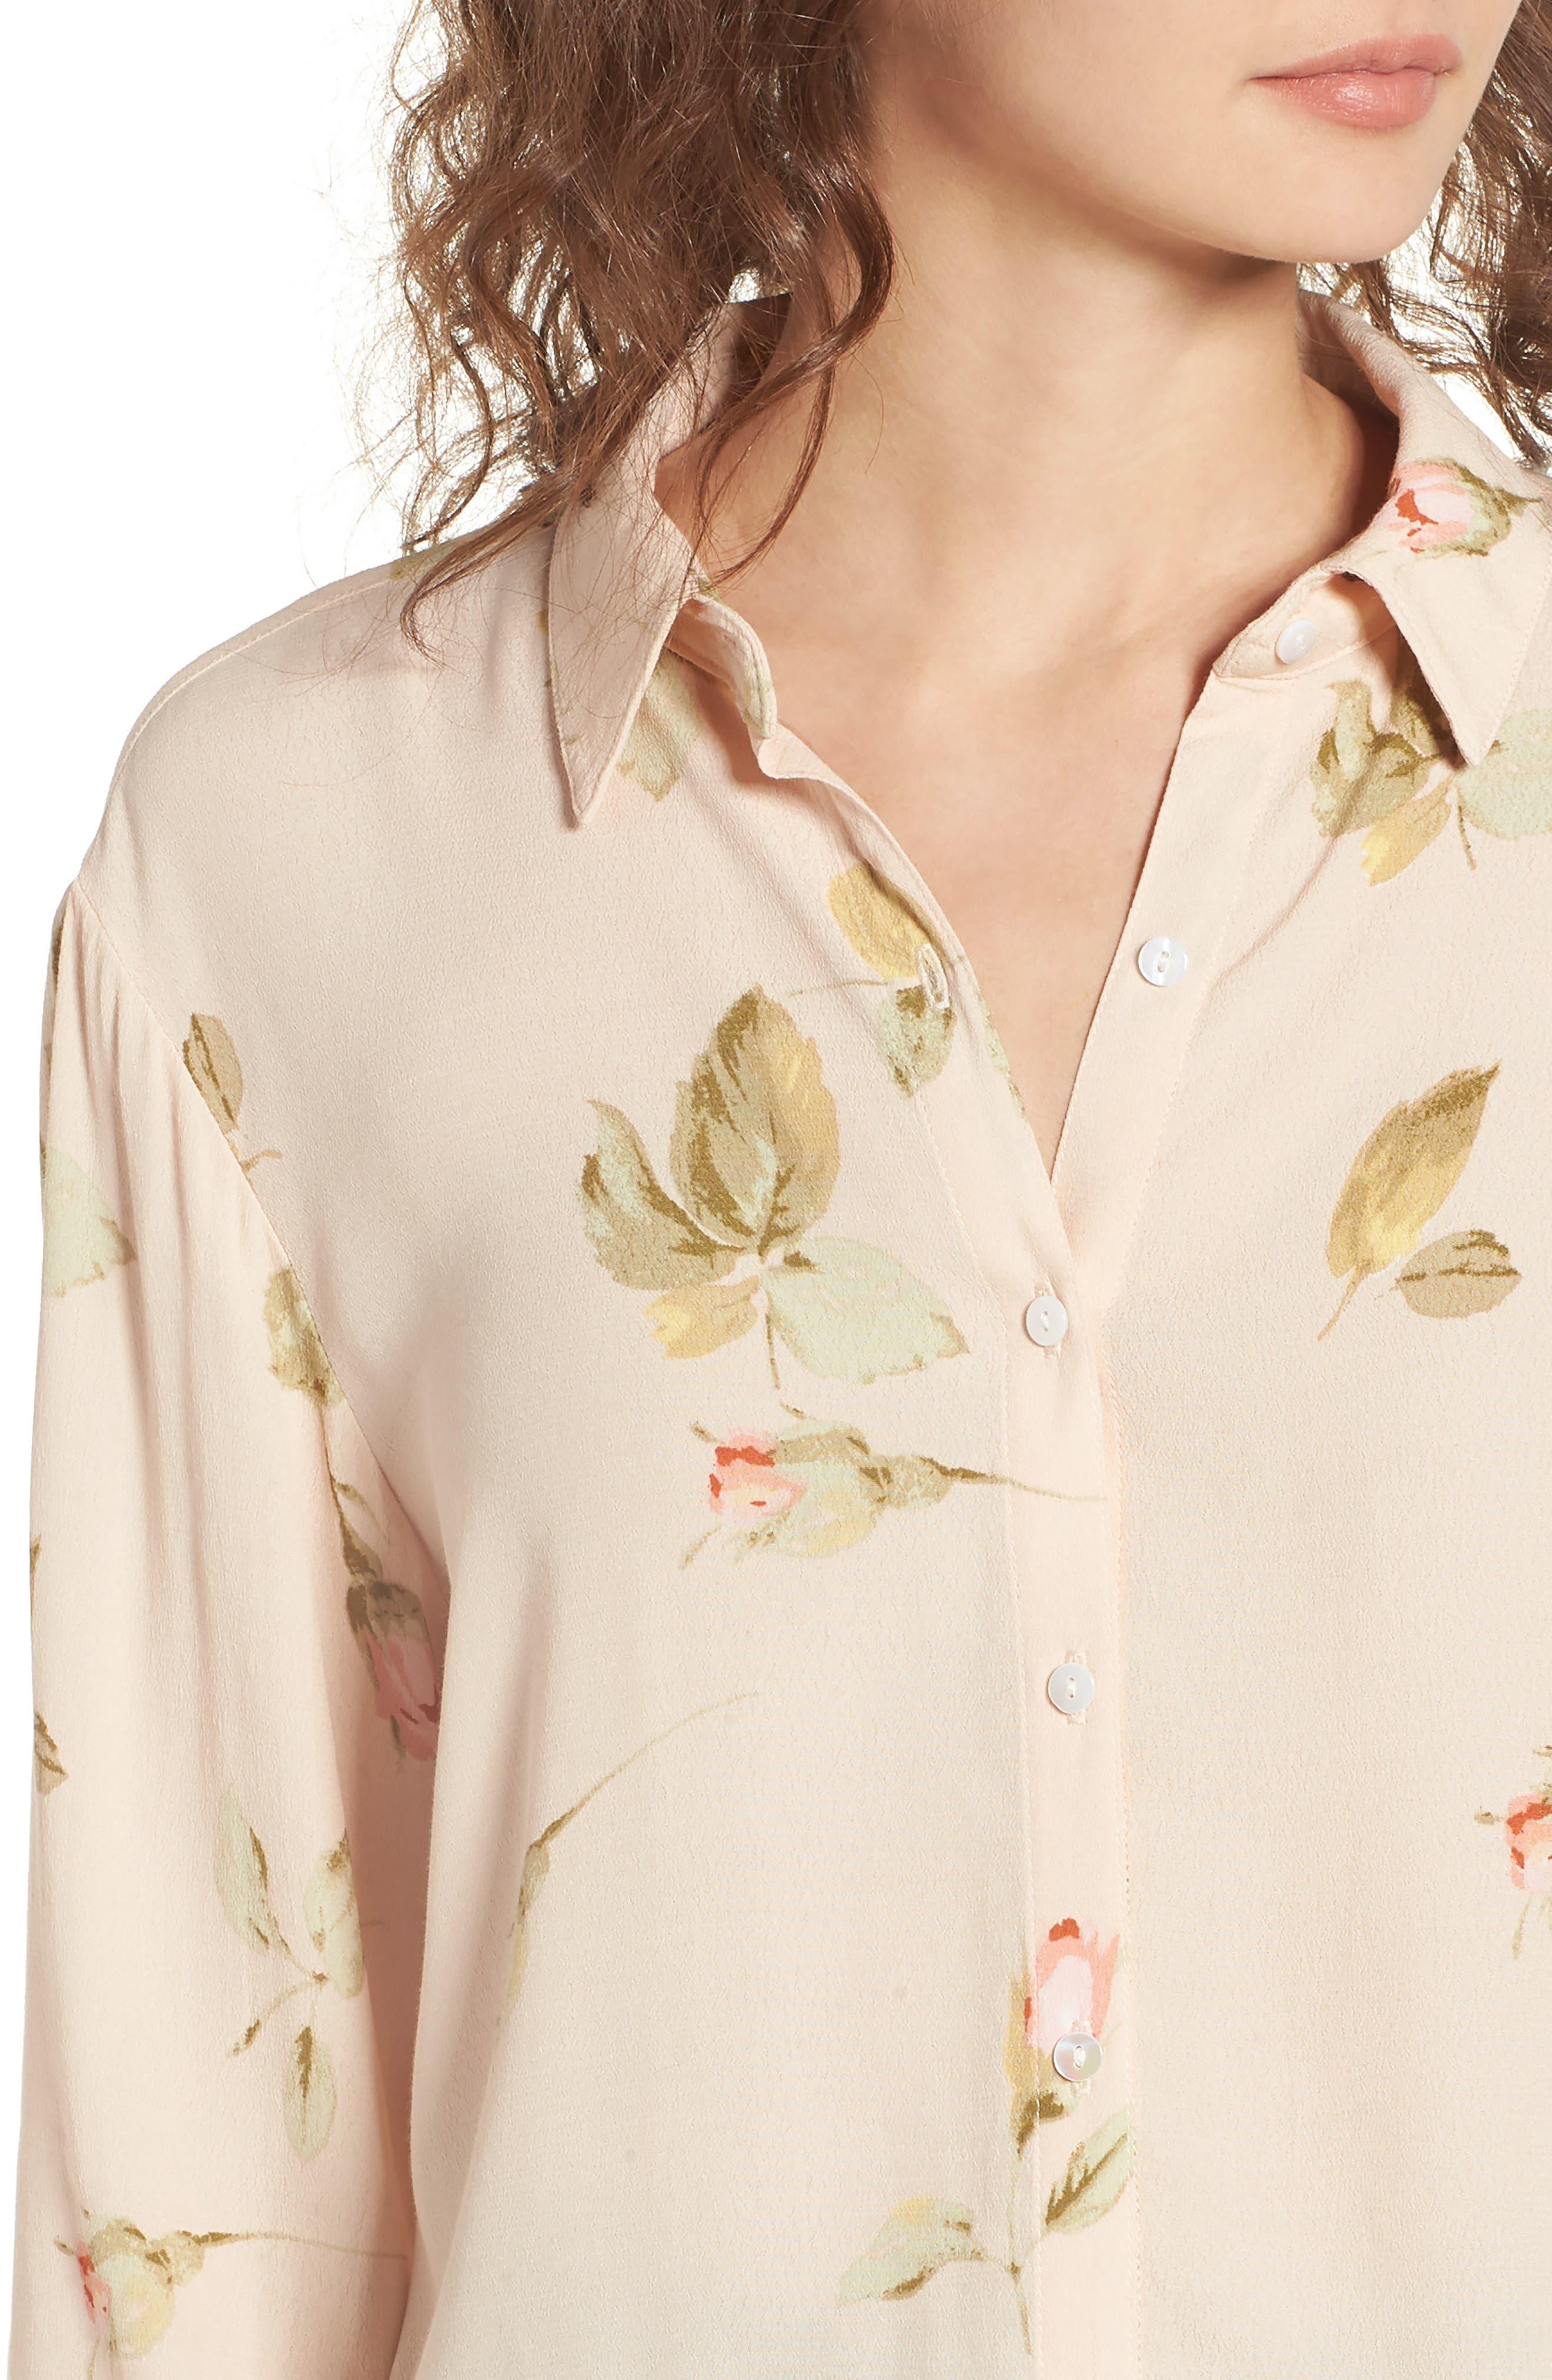 Sinclair Floral Print Shirt,                             Alternate thumbnail 4, color,                             250